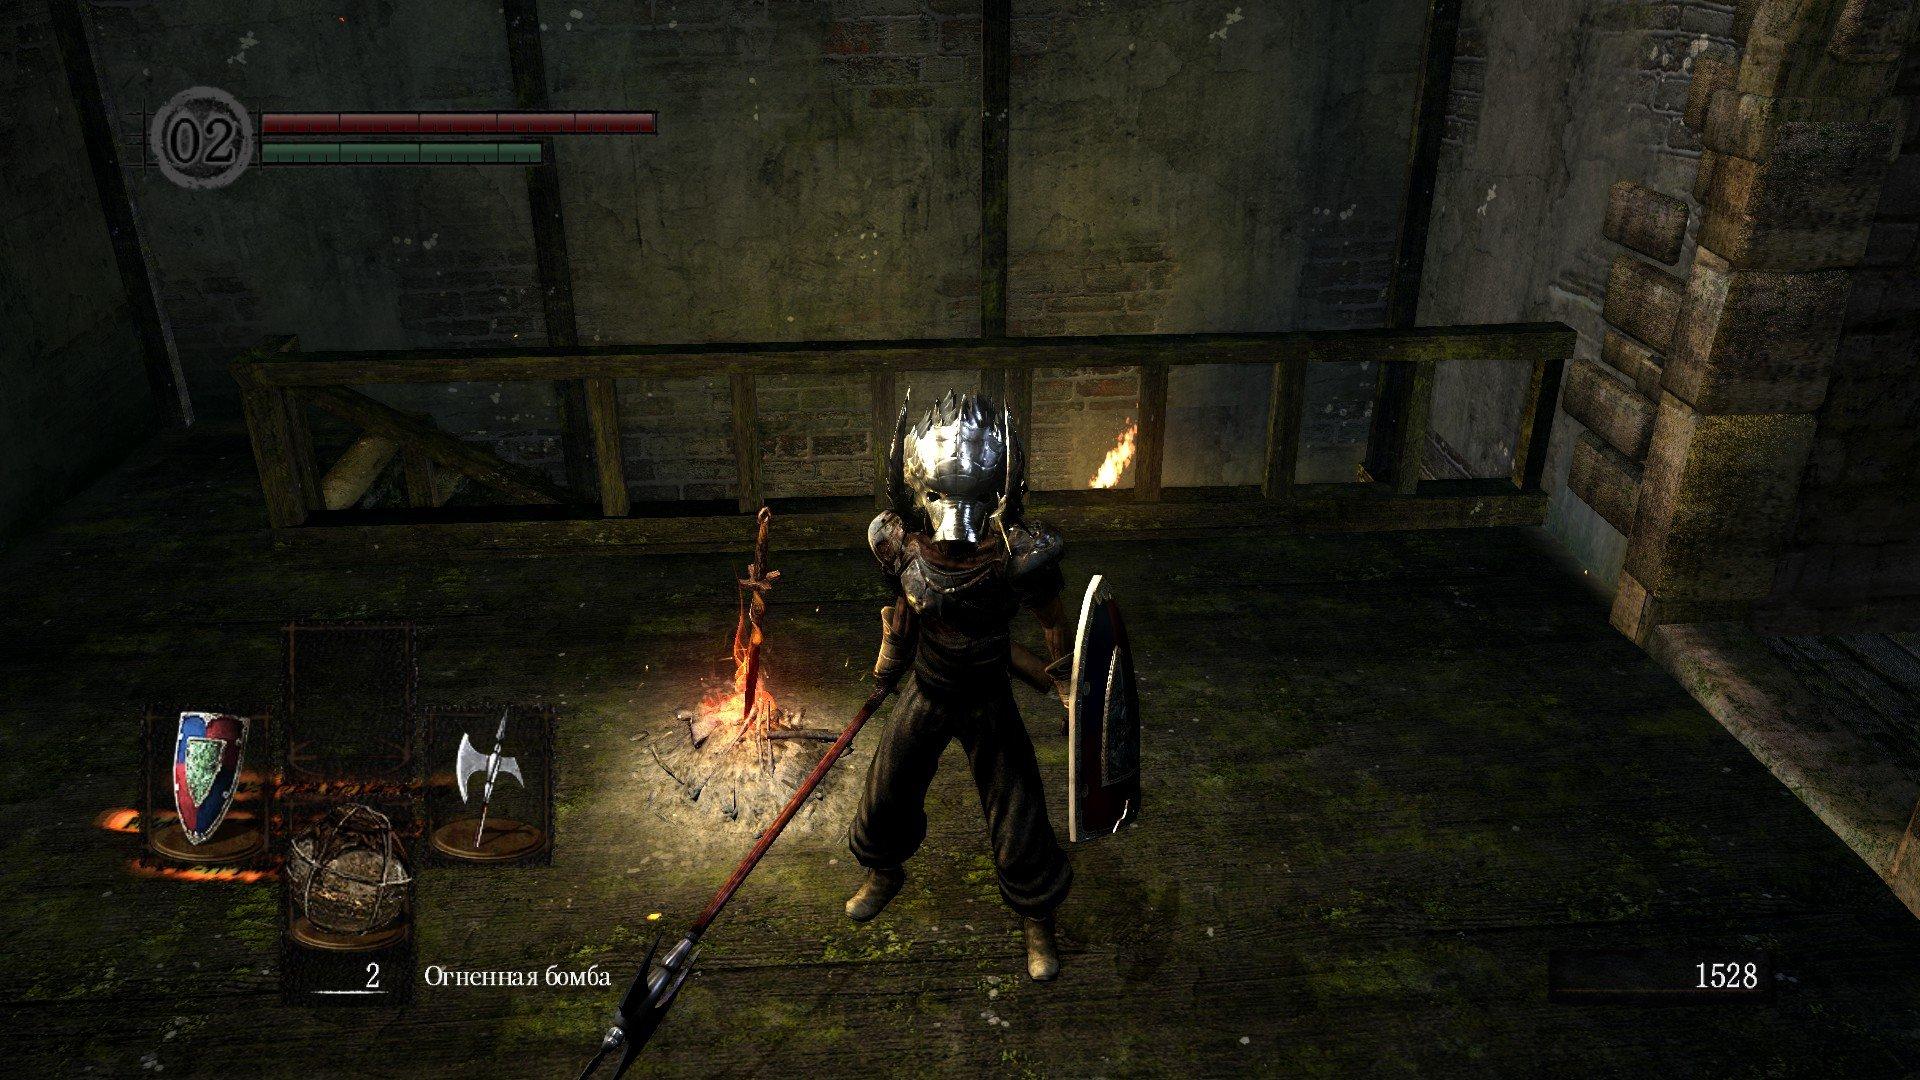 Вопль-прохождение Dark Souls часть 1 (ЗАПИСЬ) ... еще не решил, как это называть! - Изображение 15